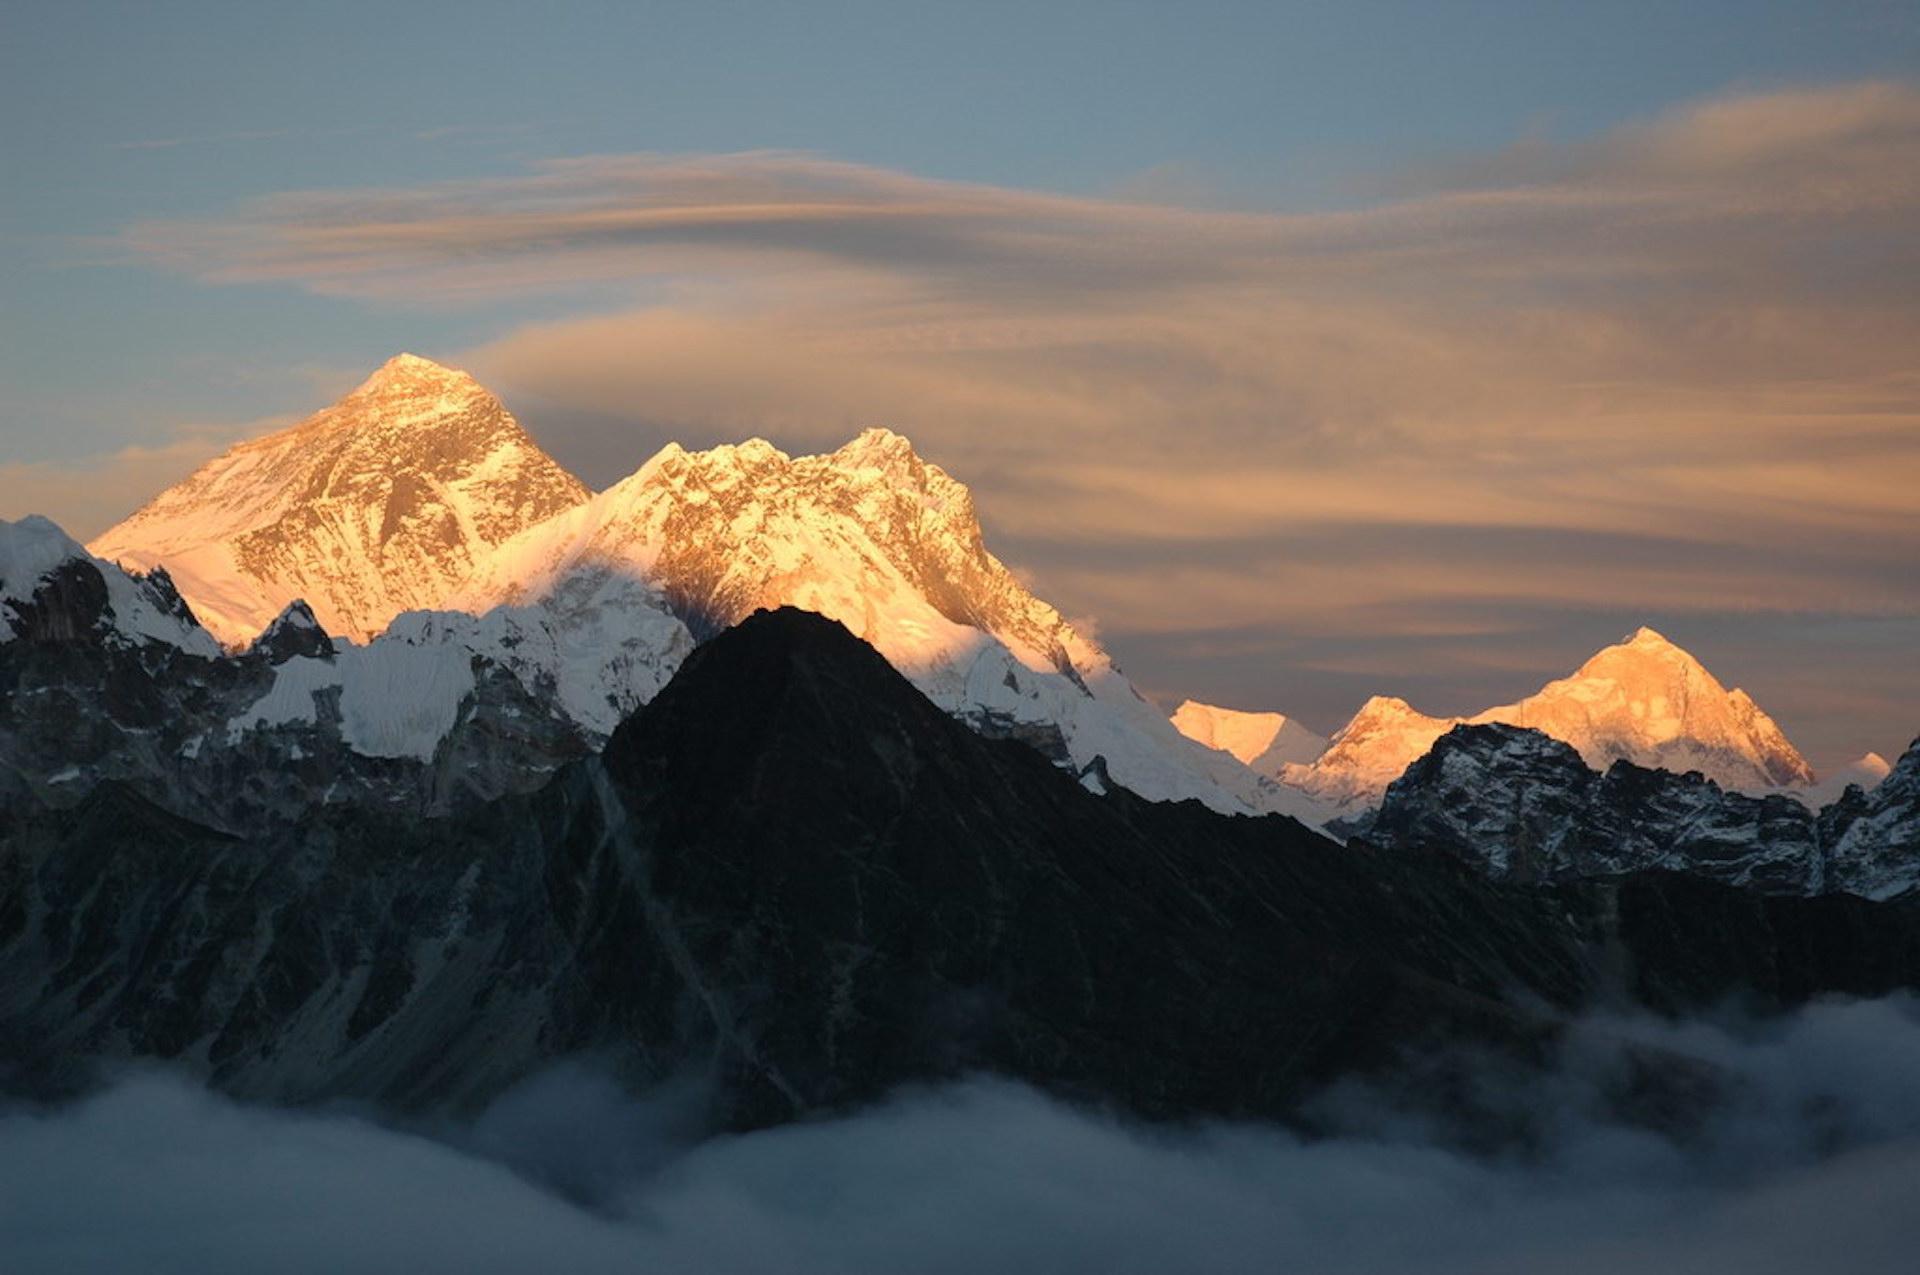 Evereste Giden Yolda Kadınlar